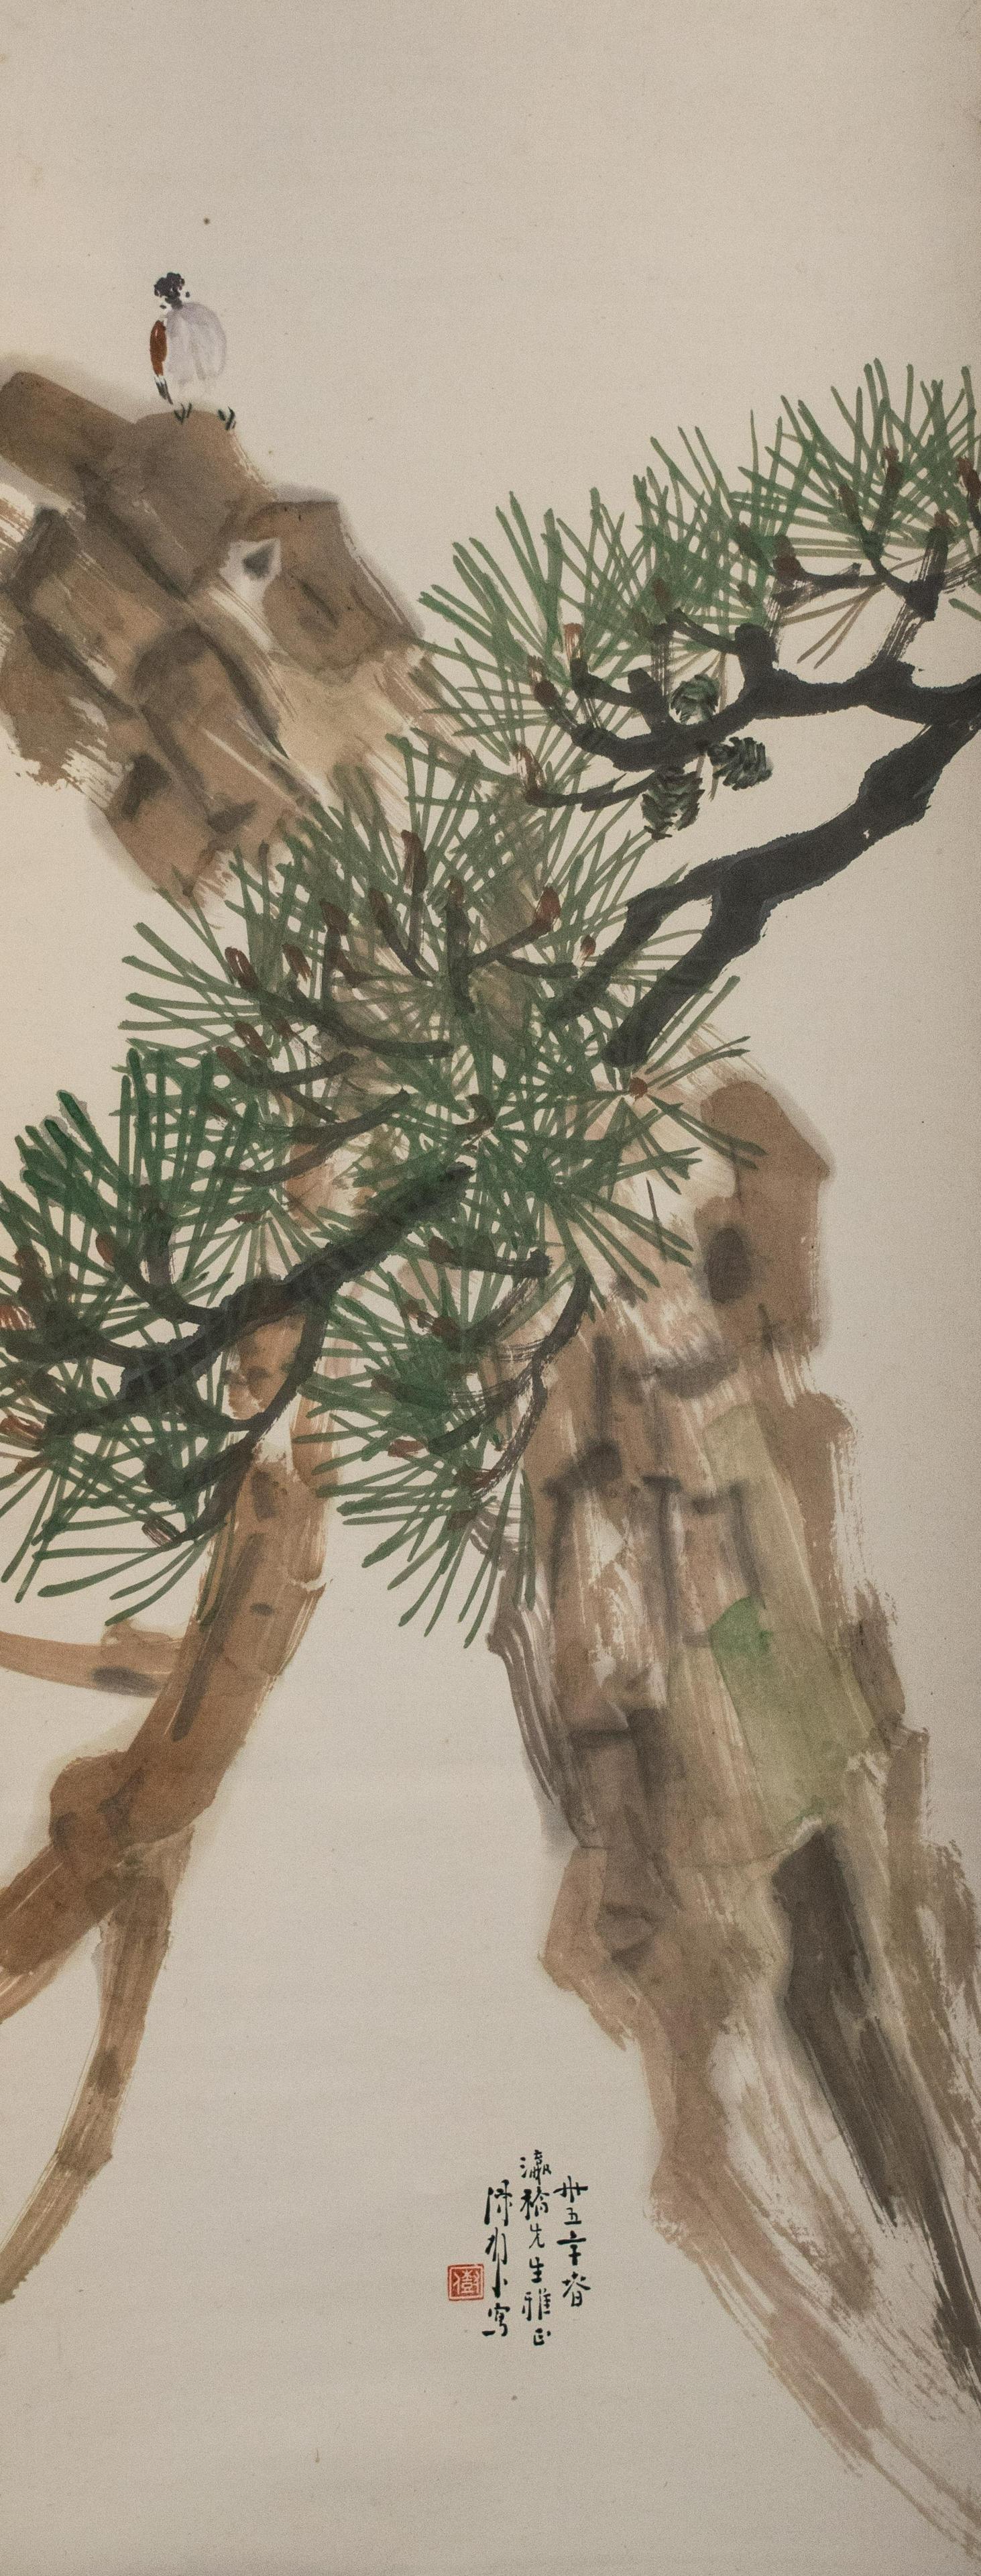 Painting of Pine Tree with Bird, Chen Shuren